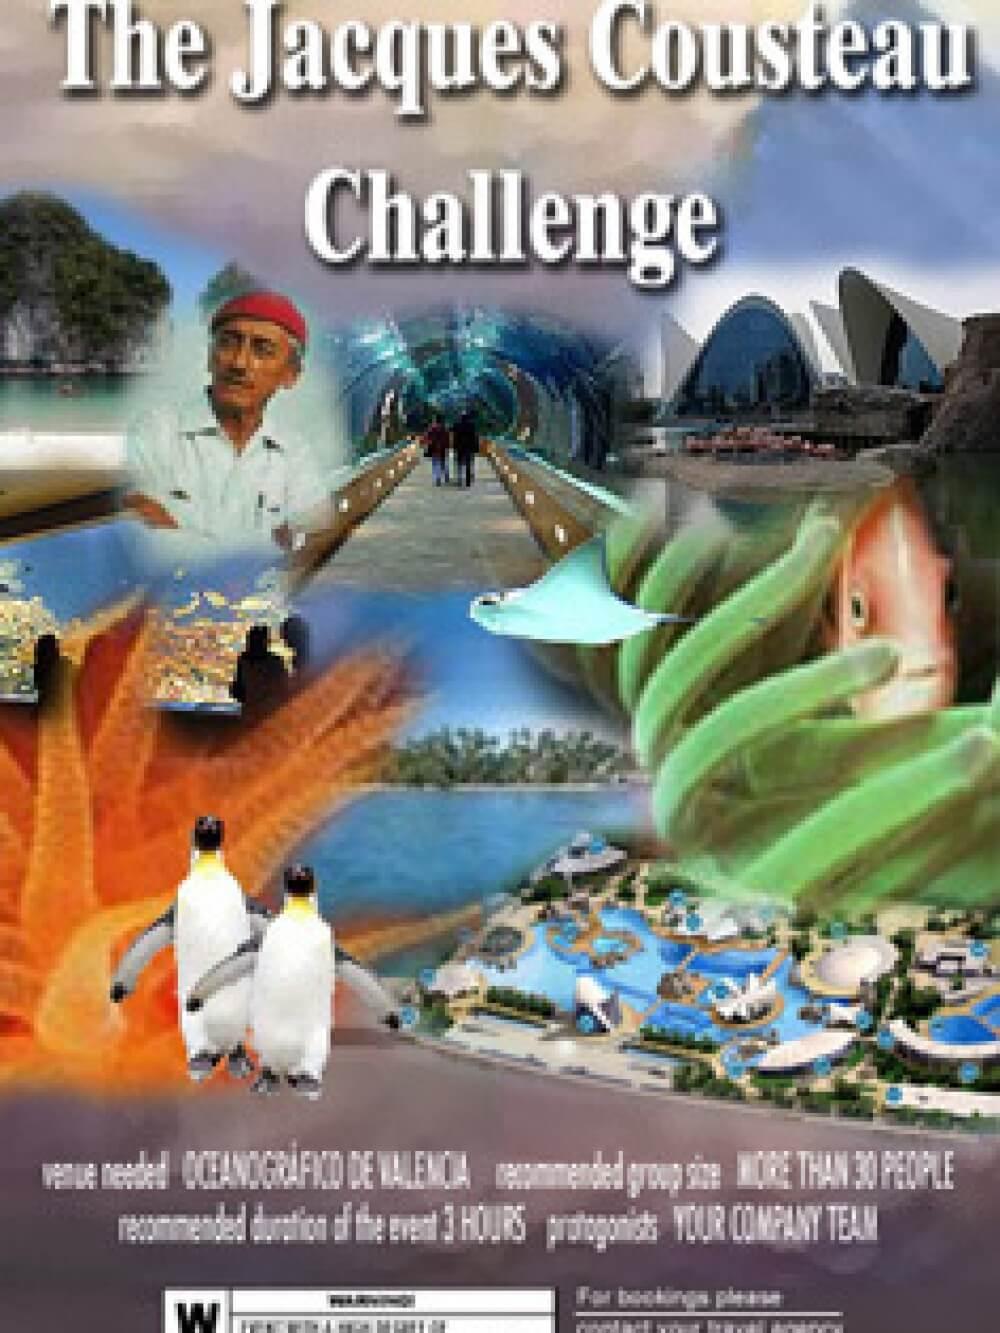 the_jacques_cousteau_challenge_vertical_web